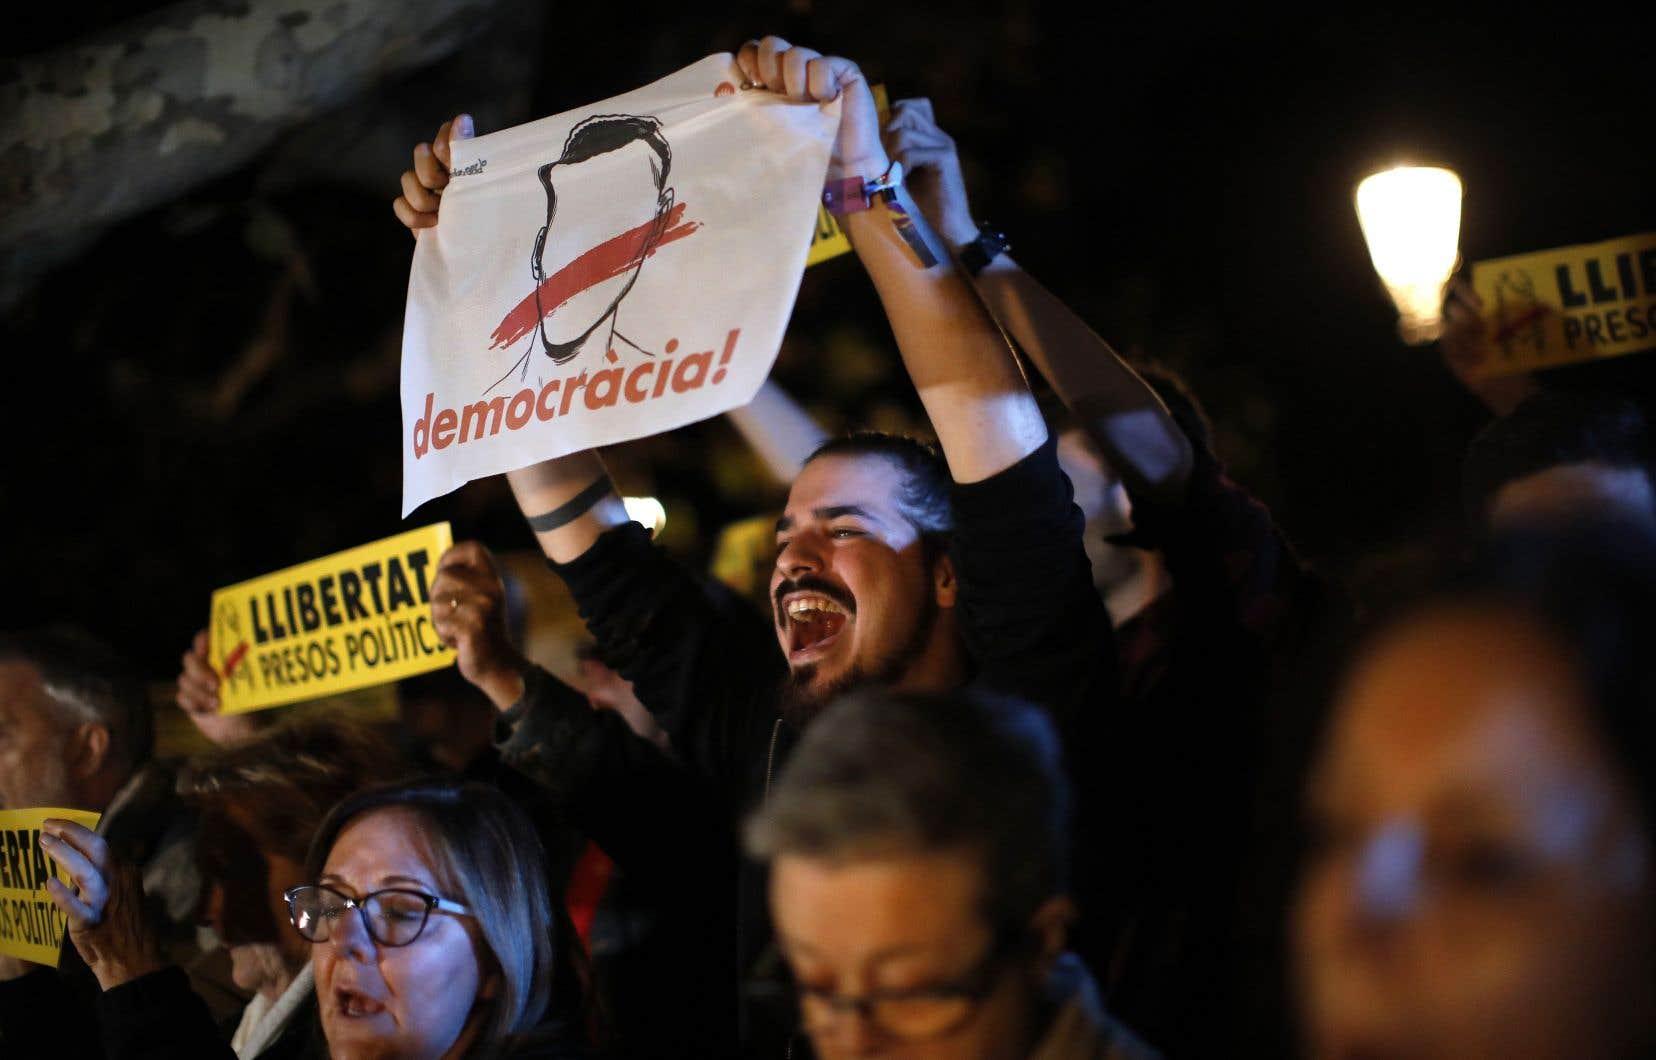 Des manifestants se sont rassemblés jeudi devant le Parlement catalan pour protester contre la décision d'un juge d'emprisonner les ex-membres du gouvernement catalan.